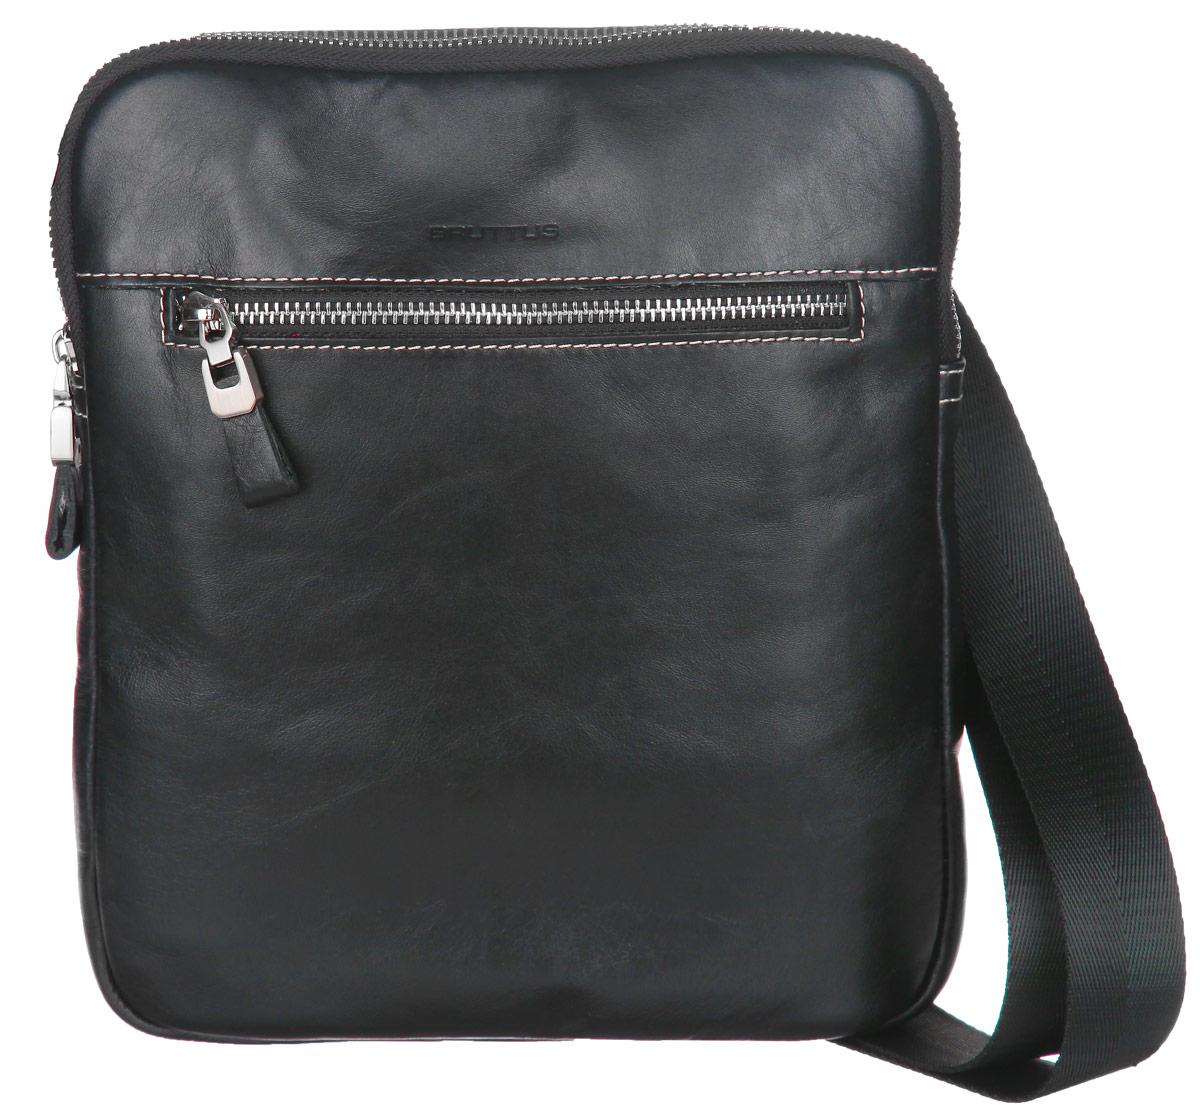 Сумка мужская Bruttus, цвет: черный. 931931Стильная мужская сумка Bruttus изготовлена из натуральной кожи. Модель имеет одно основное отделение, которое закрывается на застежку-молнию. Внутри имеется два открытых кармашка для телефона и мелочей и прорезной карман на застежке- молнии. Снаружи на передней стенке располагается прорезной карман на застежке-молнии. На задней стенке - пришивной карман на магнитной кнопке. Изделие оснащено текстильным плечевым ремнем, который регулируется по длине. Сумка упакована в фирменный чехол. Сумка Bruttus поможет вам подчеркнуть чувство стиля и завершить выбранный образ.